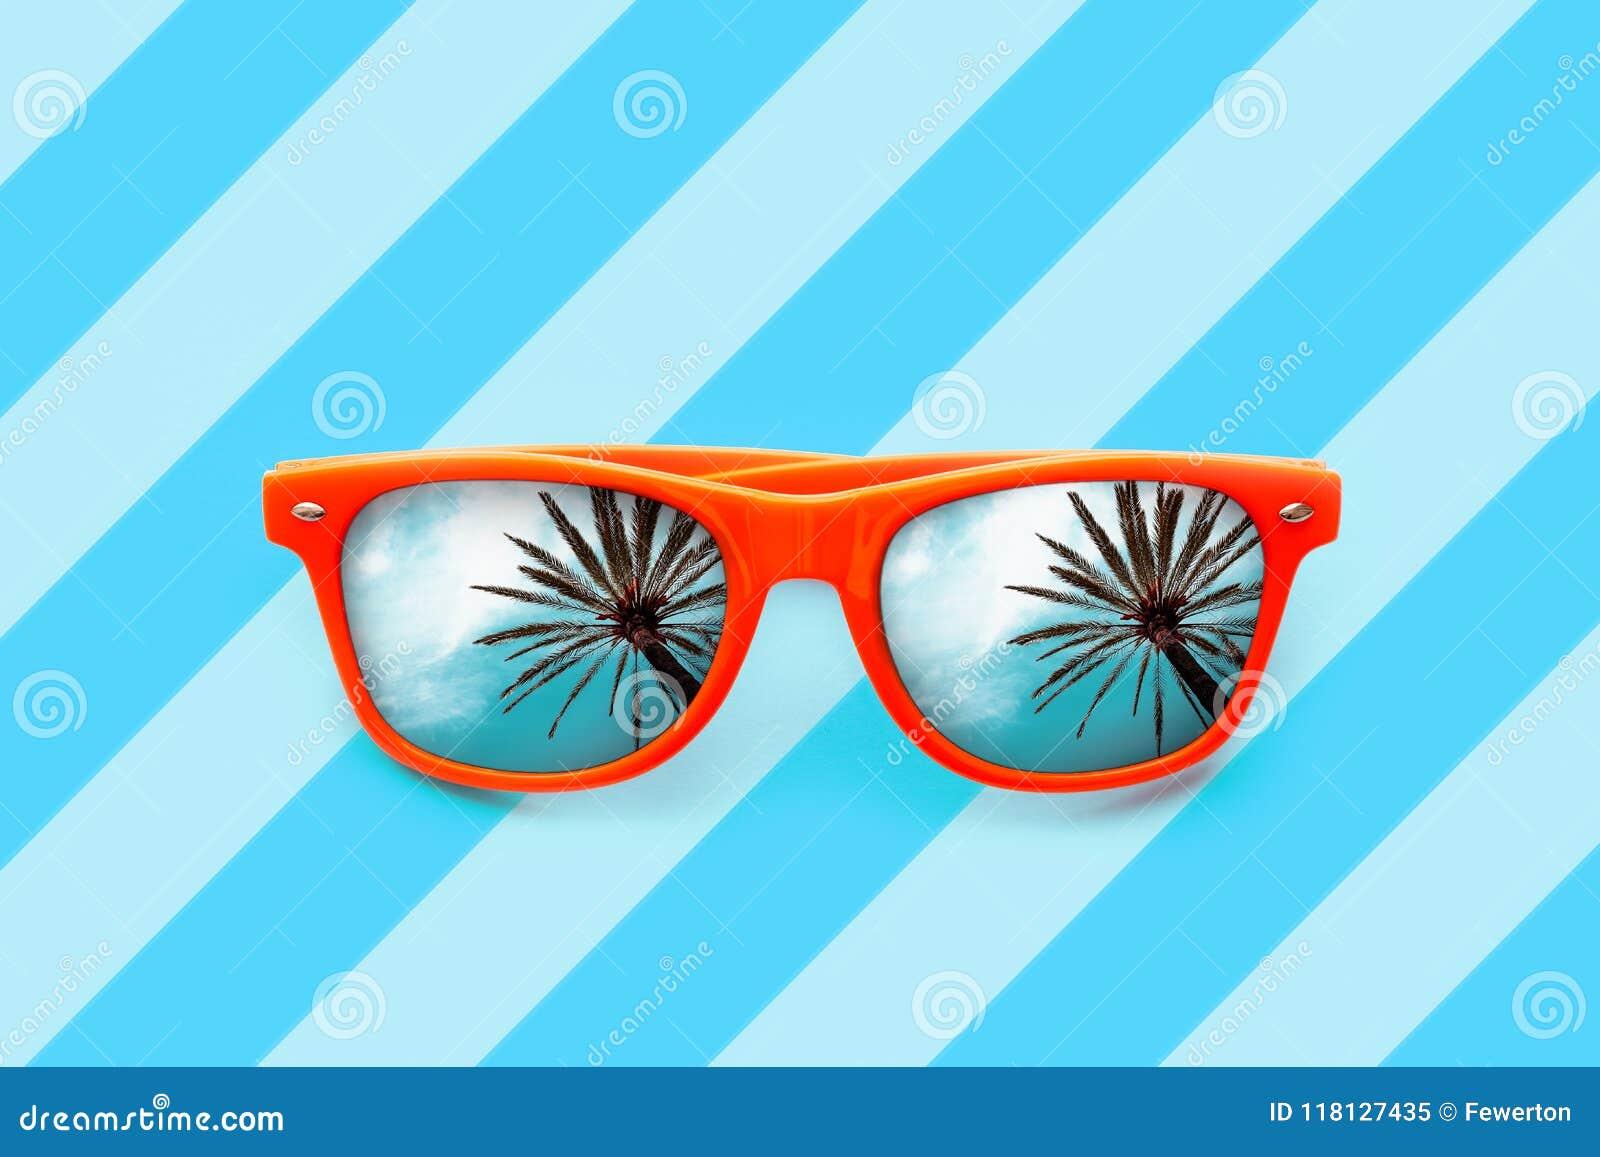 De zomer oranje die zonnebril met palmenbezinningen op blauwe achtergrond met diagonale strepen worden geïsoleerd